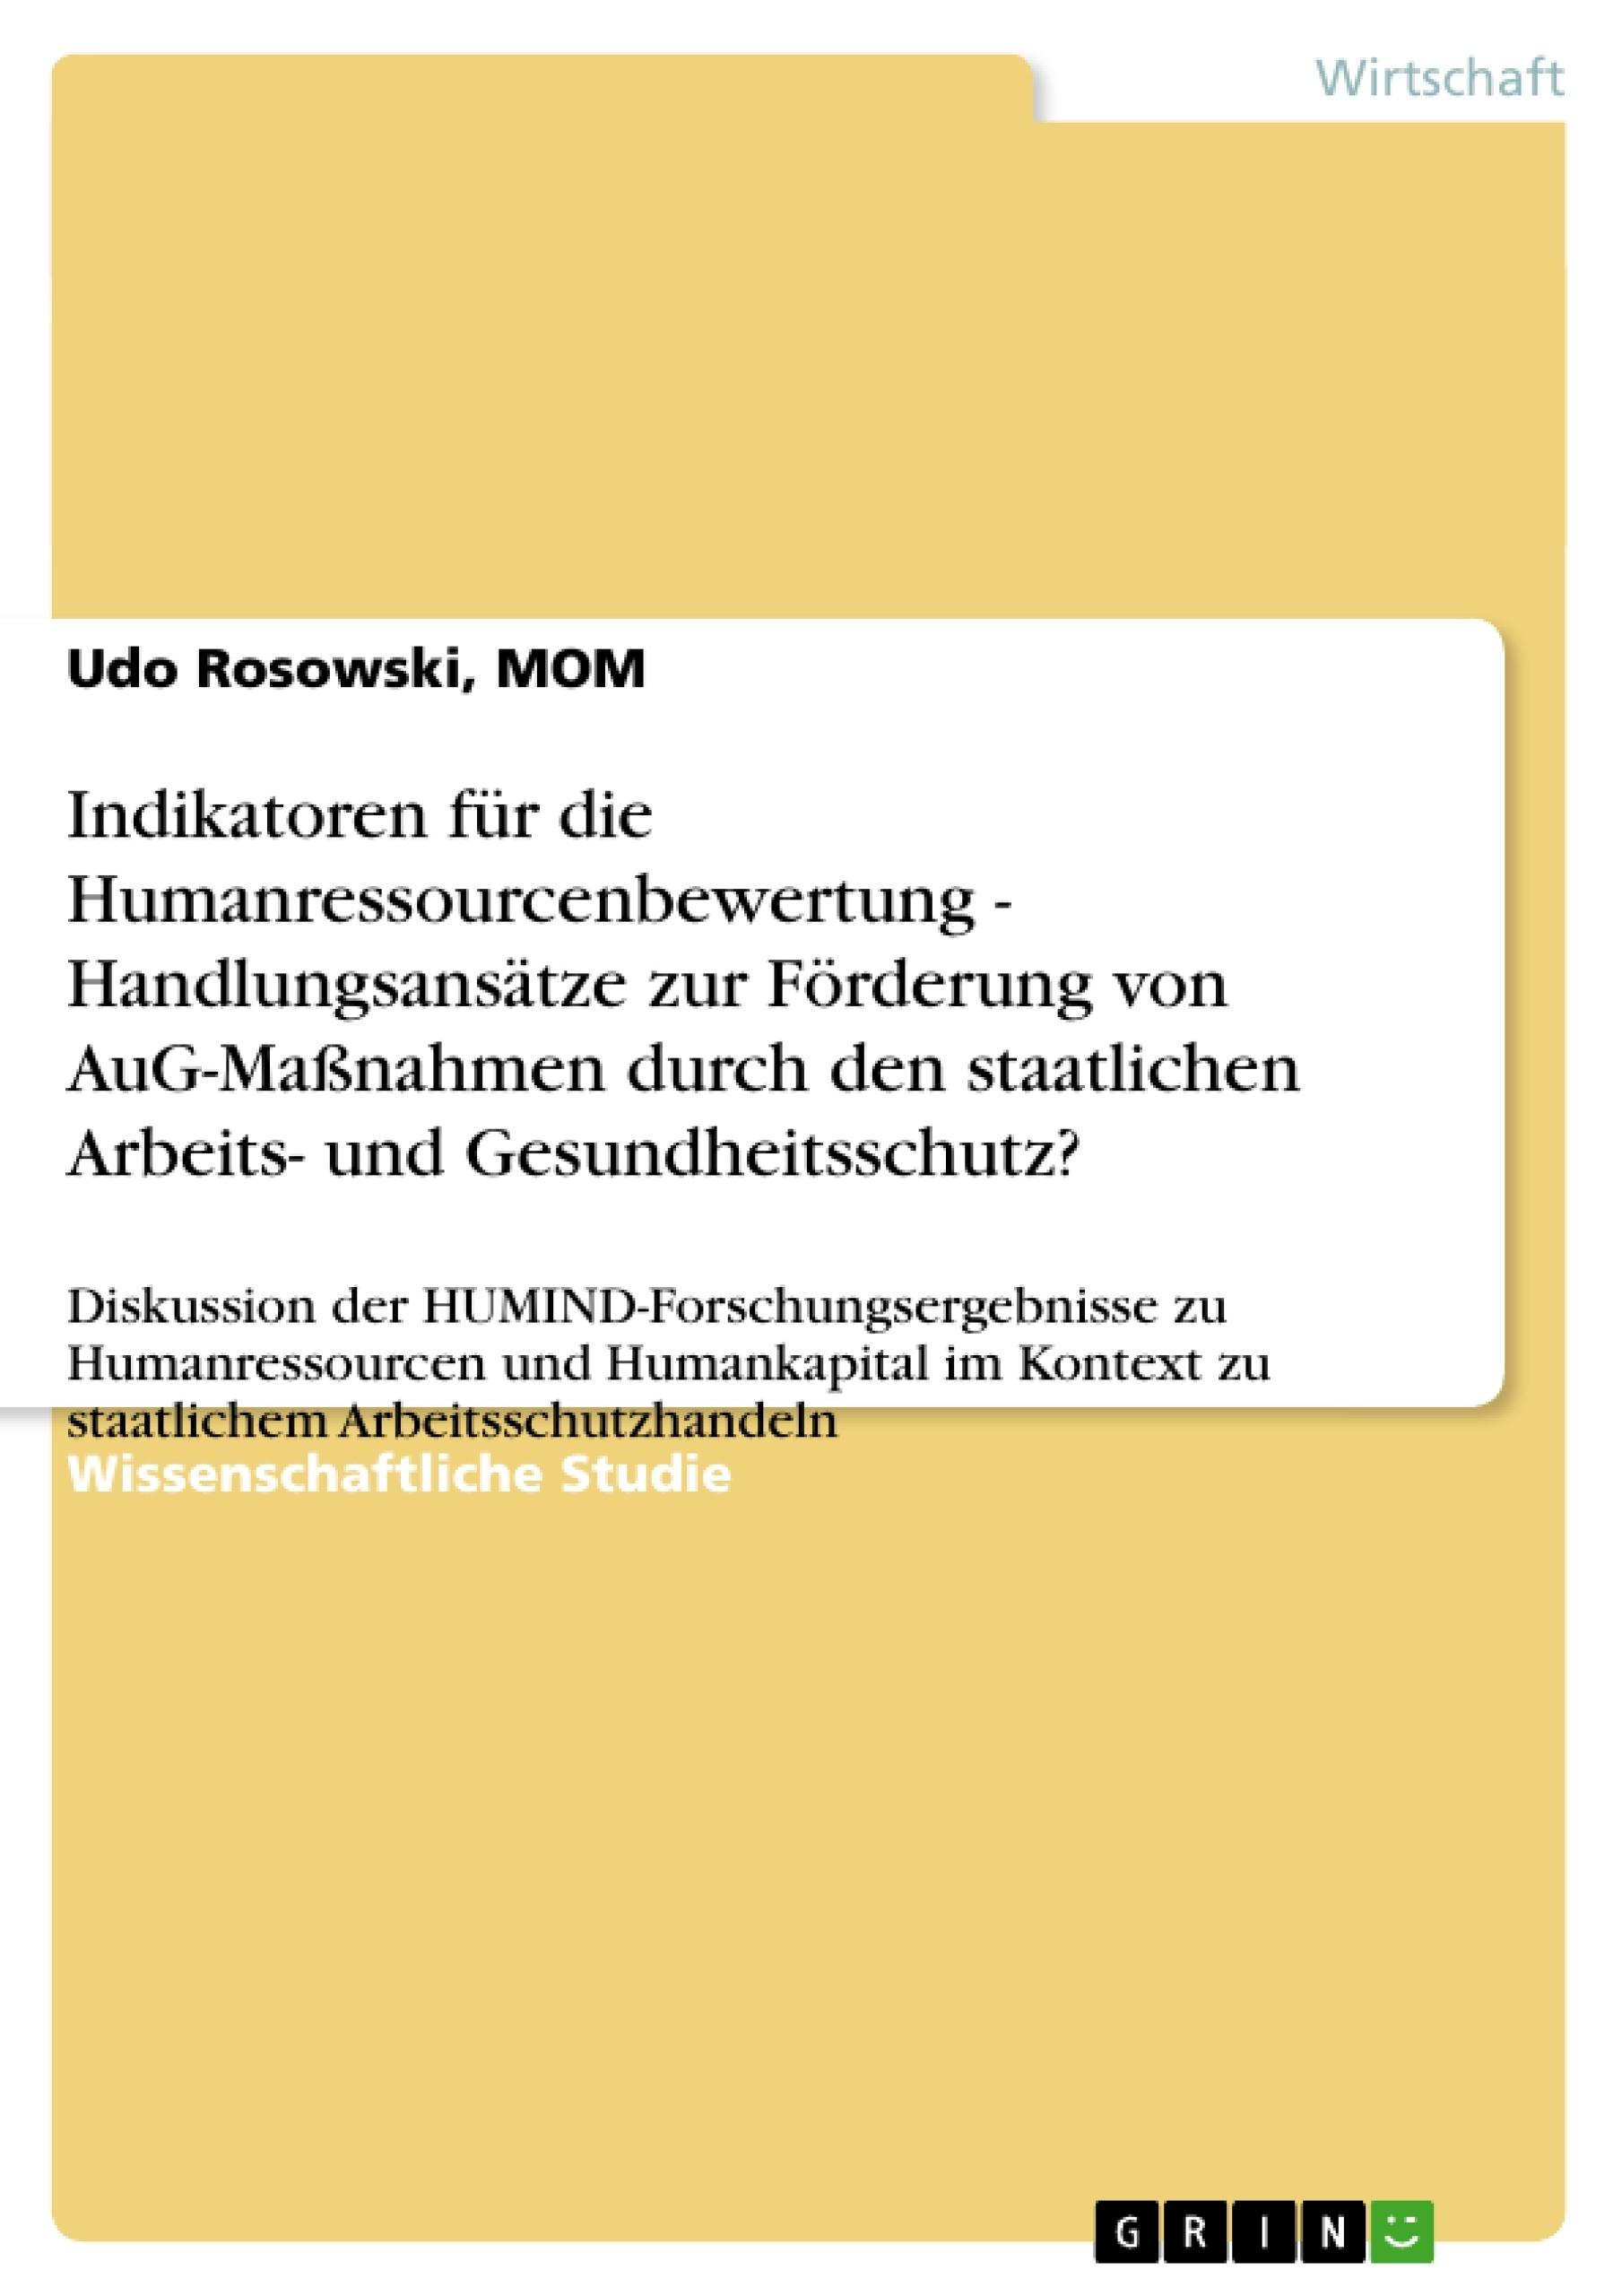 Titel: Indikatoren für die Humanressourcenbewertung - Handlungsansätze zur Förderung von AuG-Maßnahmen durch den staatlichen Arbeits- und Gesundheitsschutz?